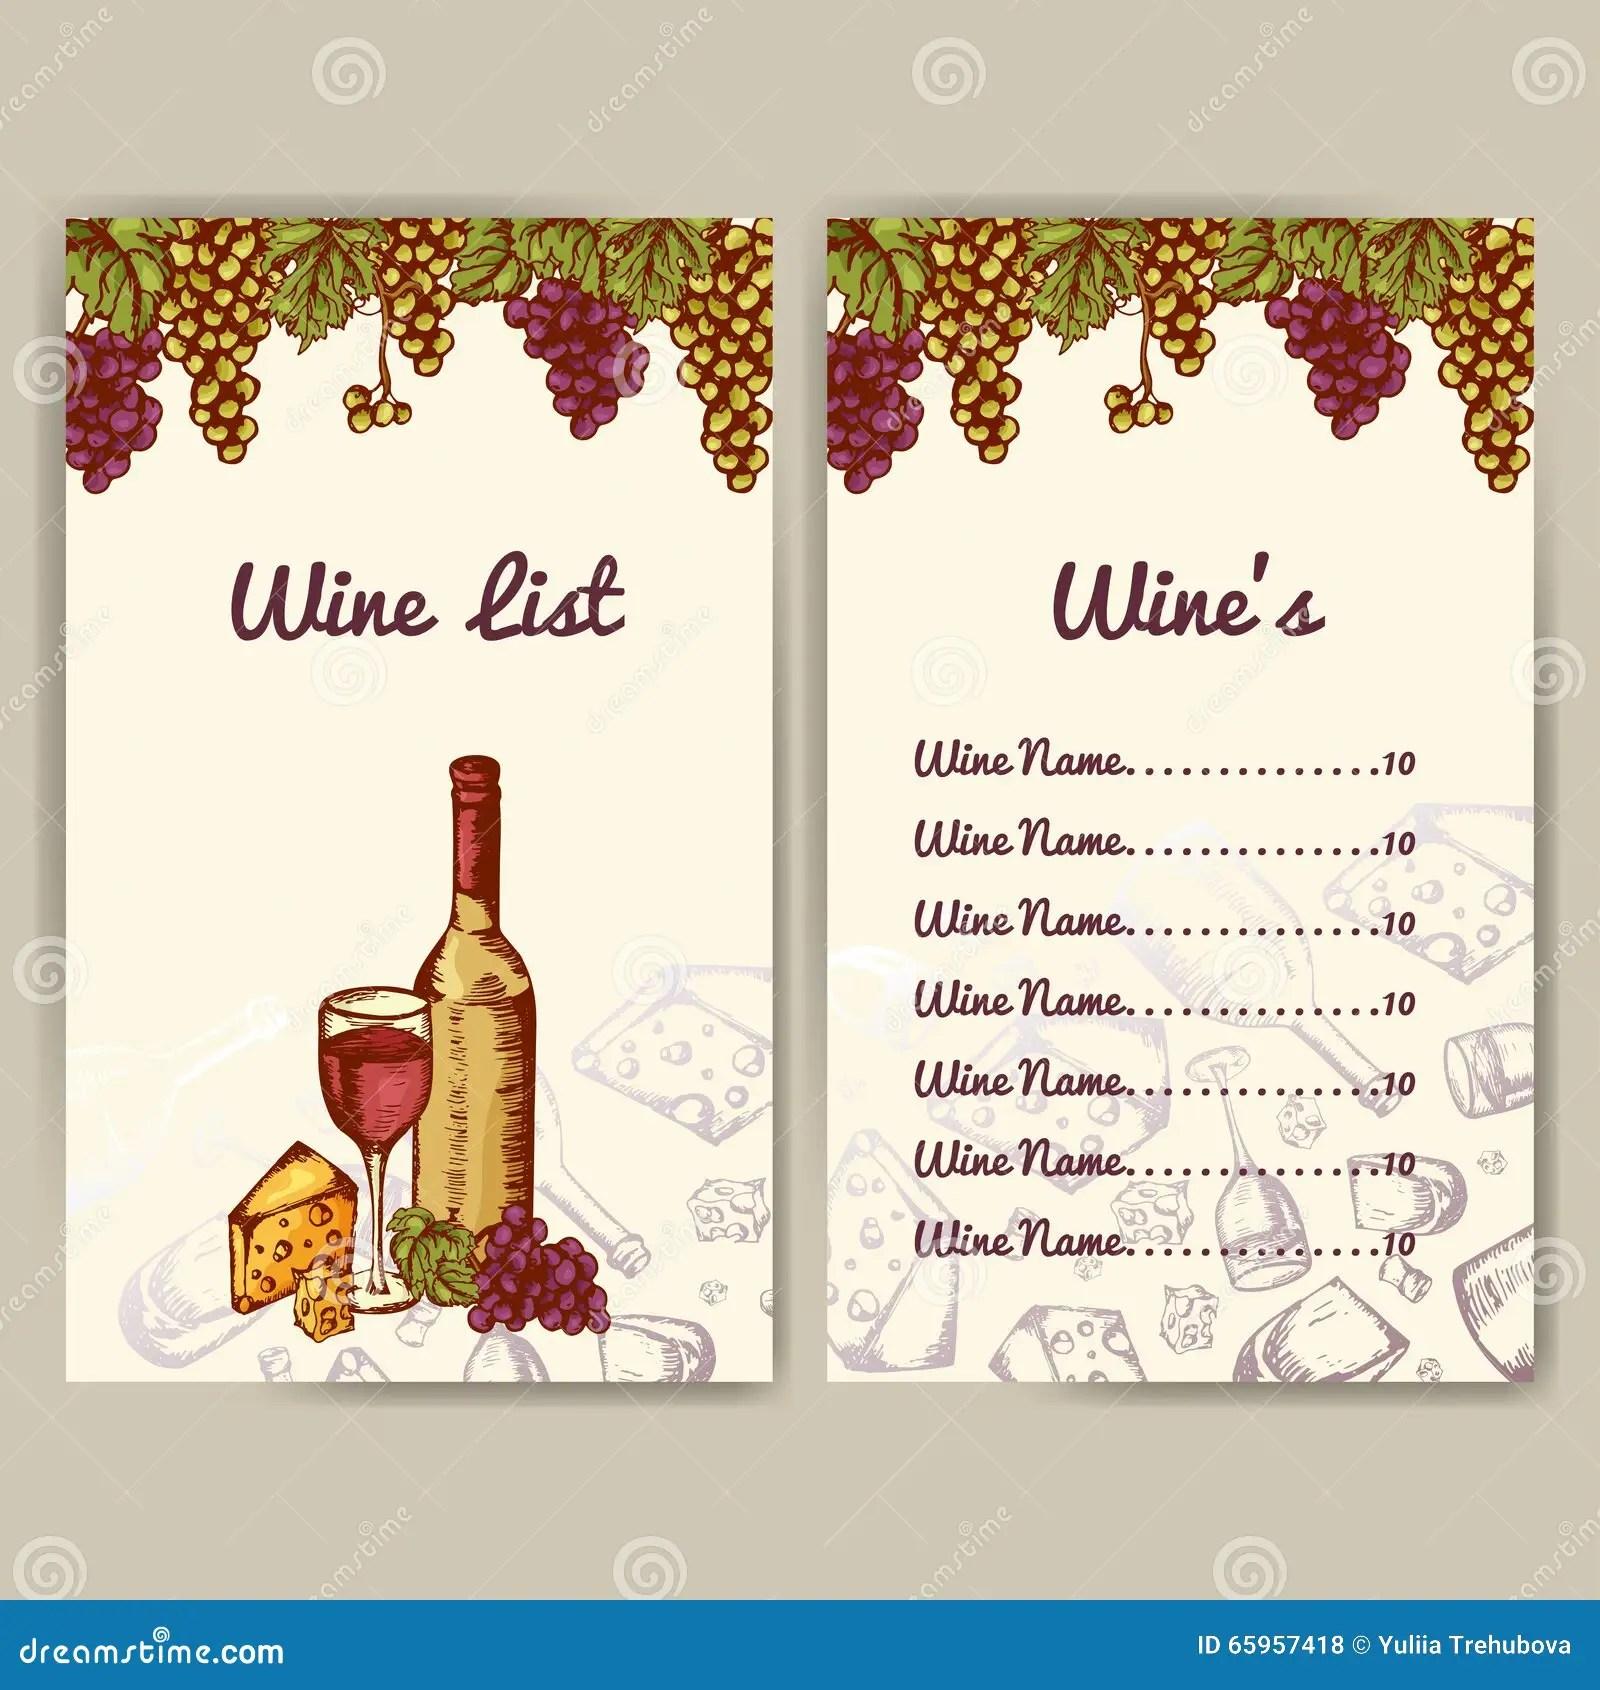 Design For Wine List Restaurant Template For Invitation